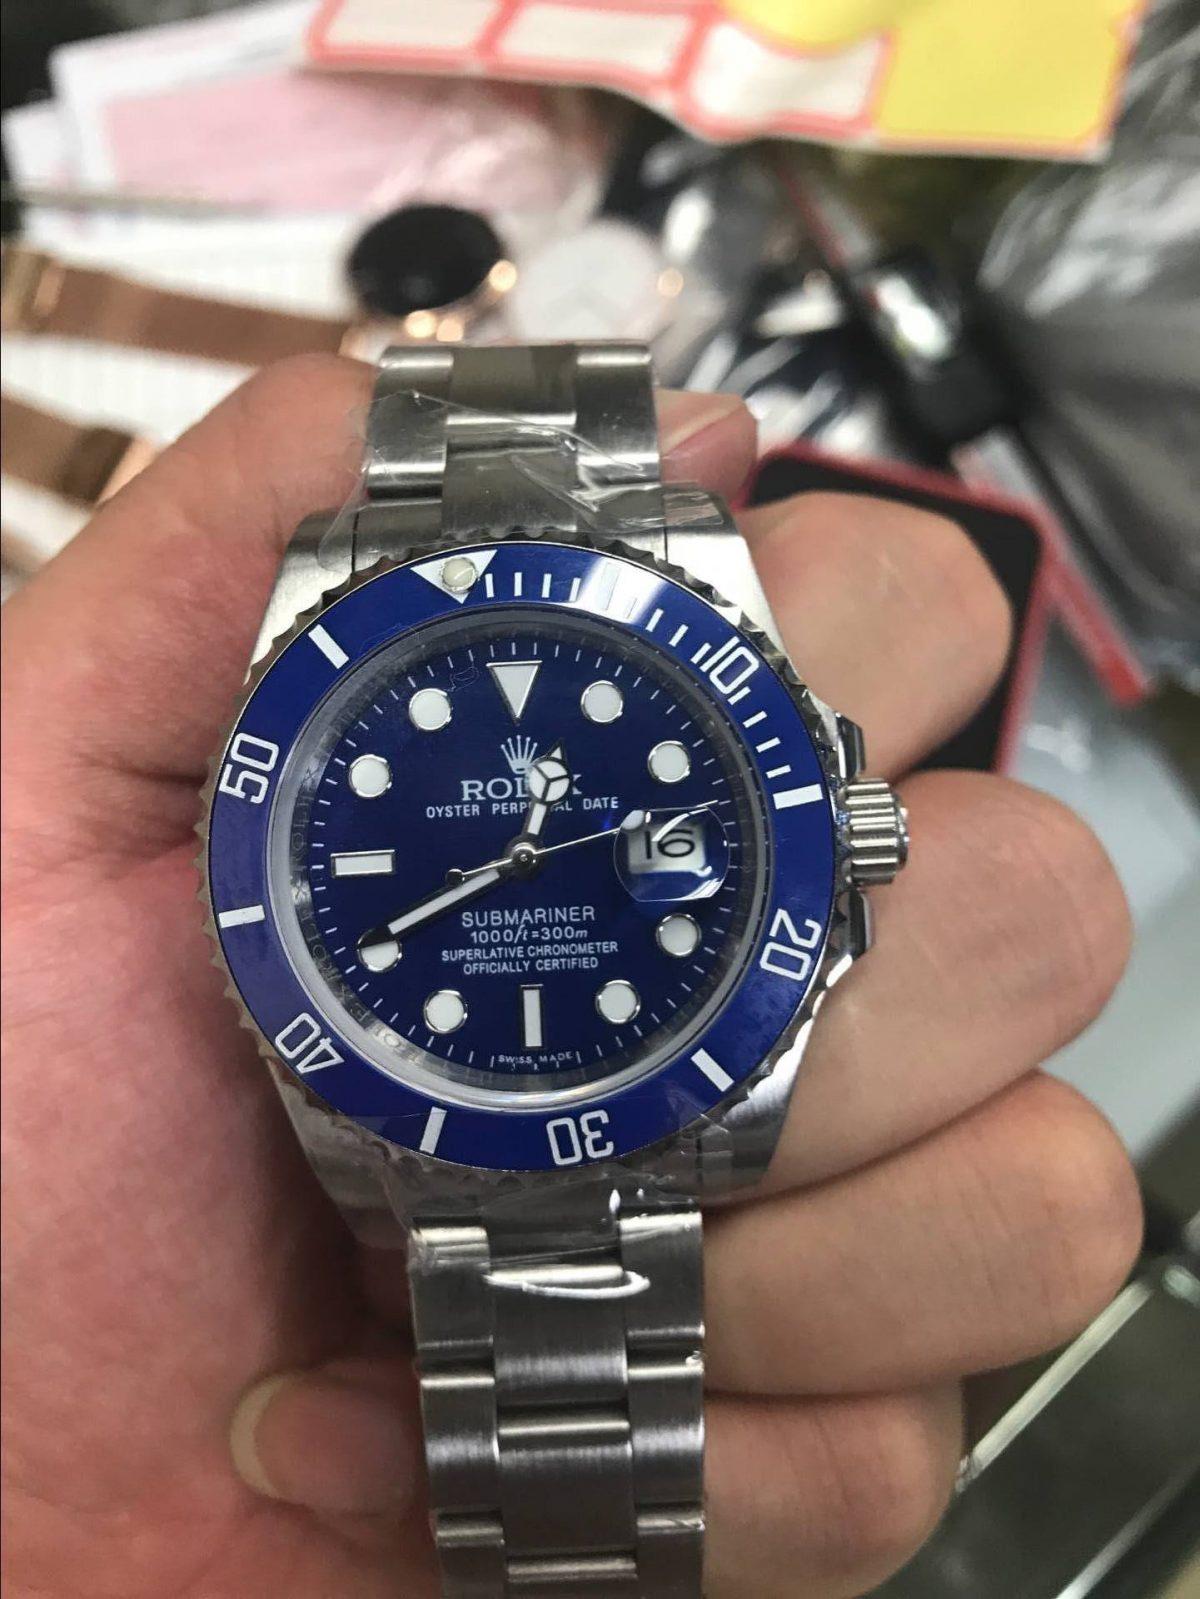 Pourquoi le sous-marin Rolex est devenu l'une des montres les plus emblématiques du monde?